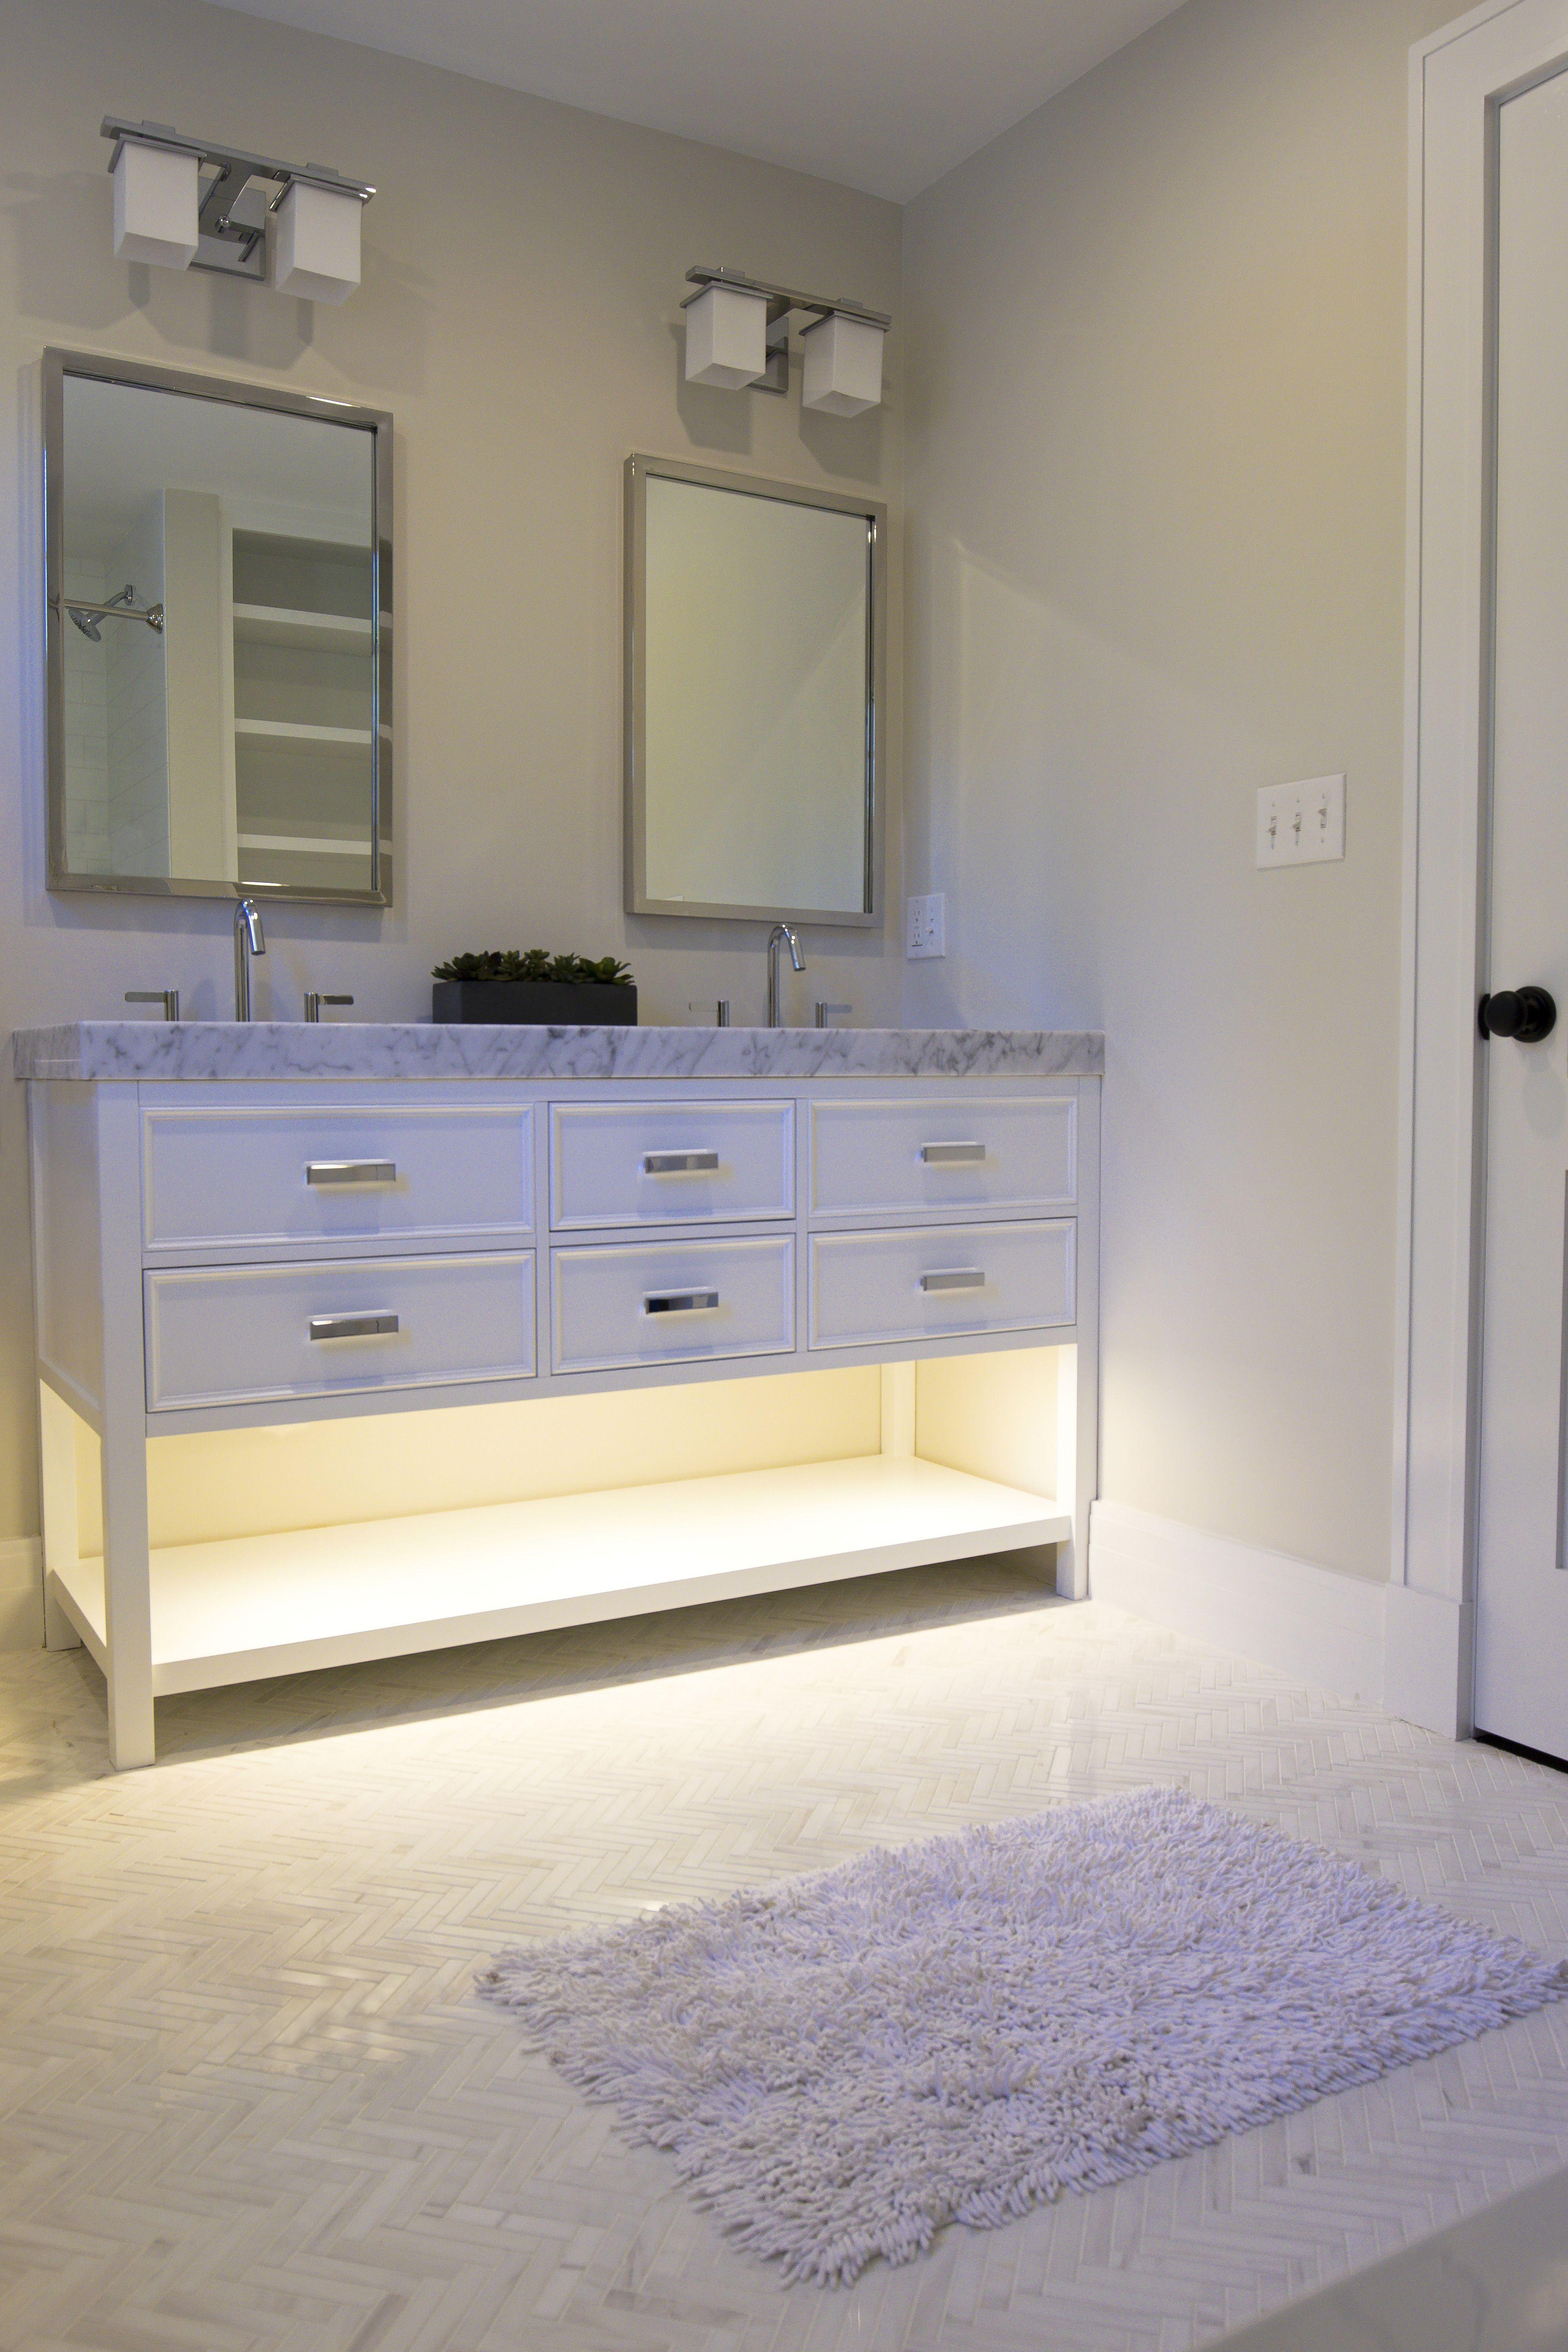 1 Bar LED Under Cabinet Lighting Kit Warm White 24 In